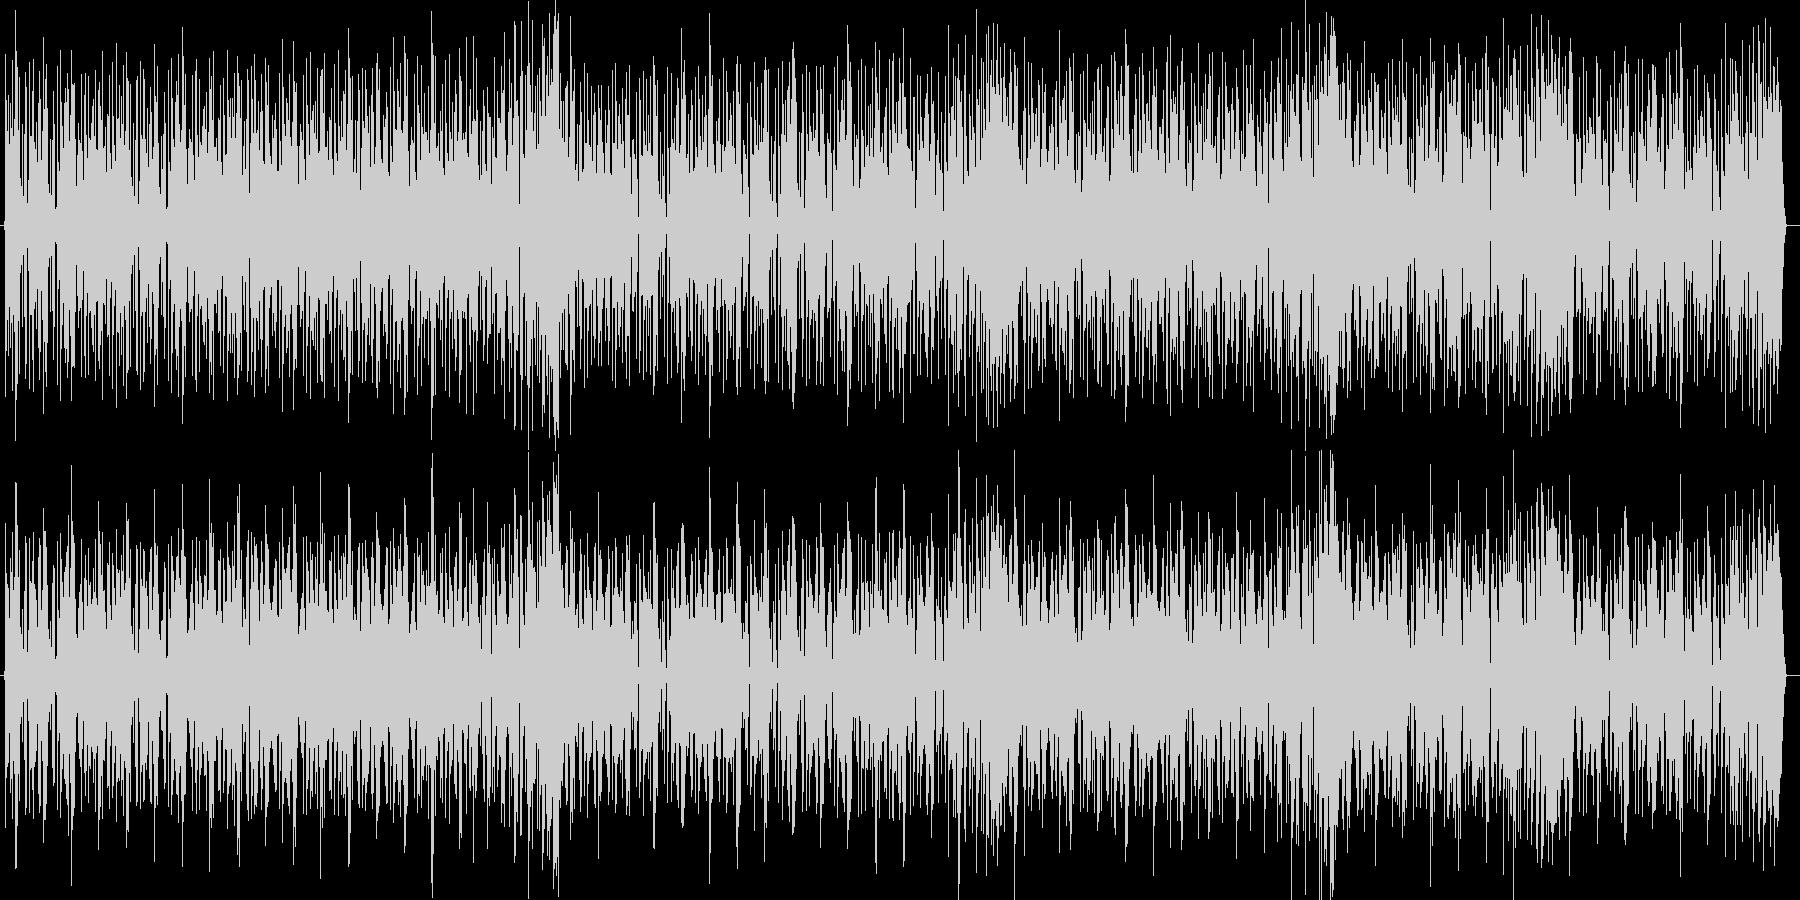 HIPHOPの曲調にメロディーのある曲の未再生の波形